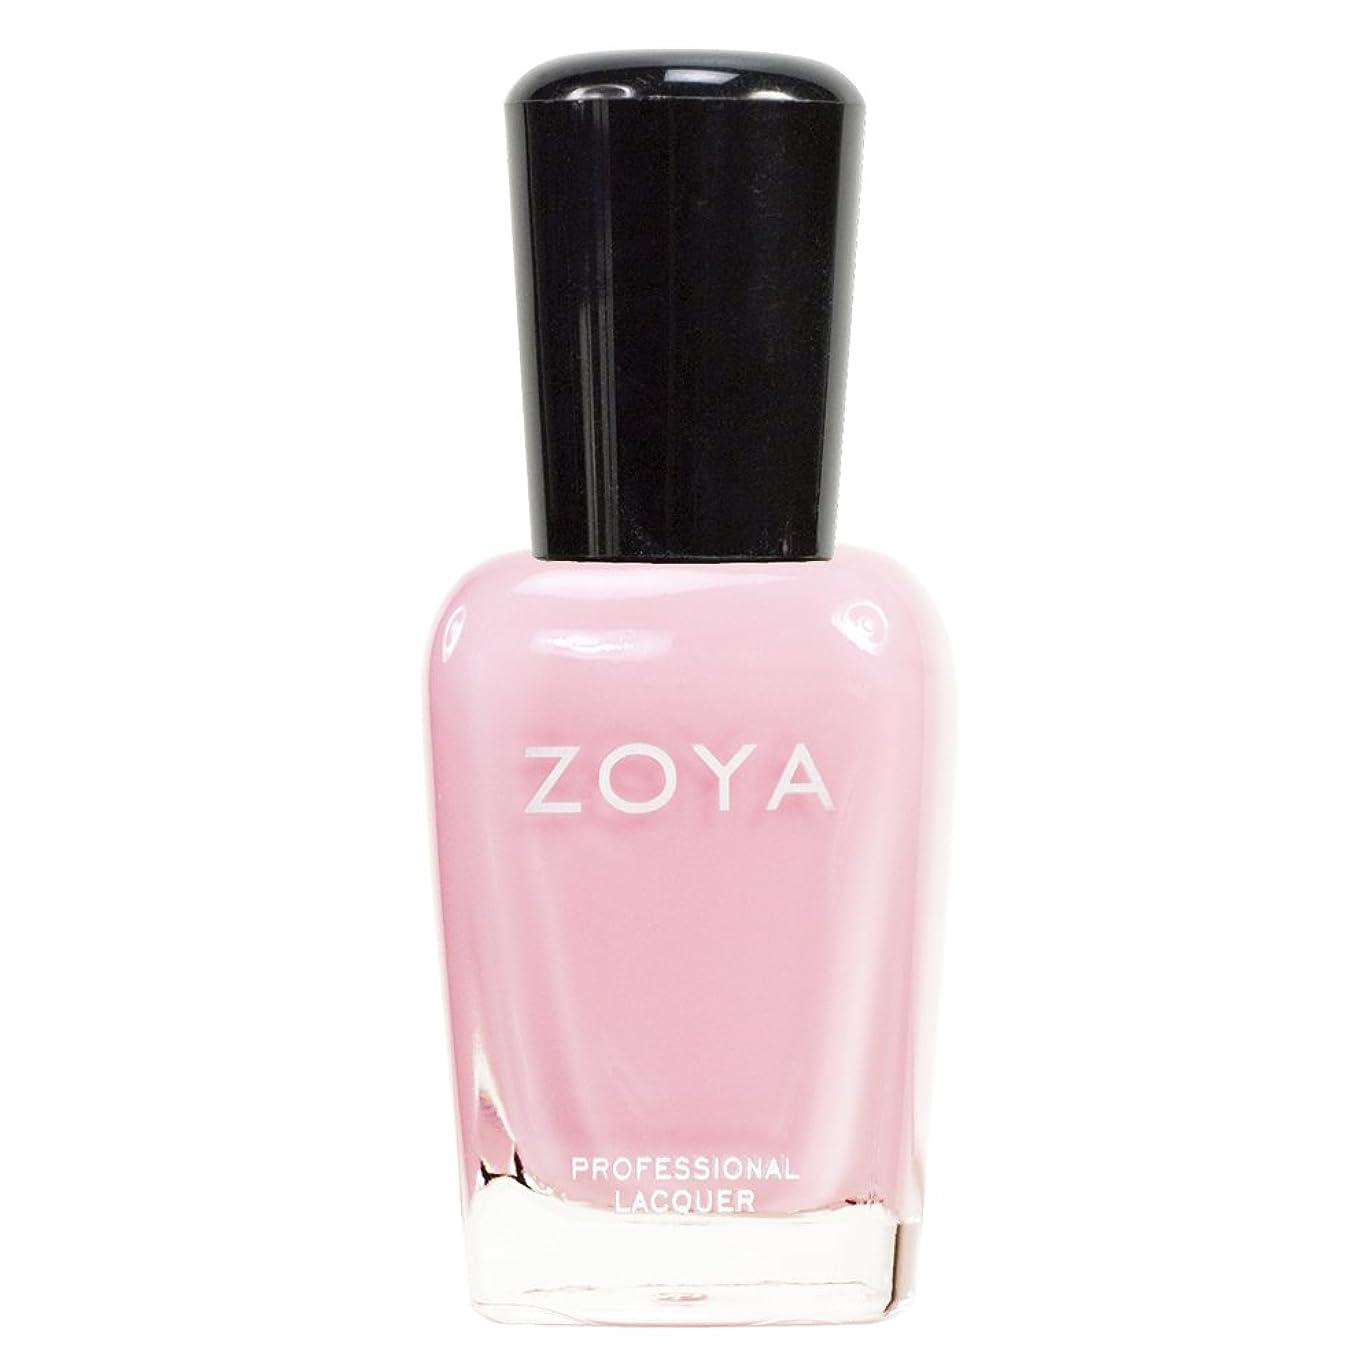 クック生理レスリングZOYA ゾーヤ ネイルカラーZP315 BELA ベラ 15ml 淡く優しいクリーミーなピンク マット 爪にやさしいネイルラッカーマニキュア